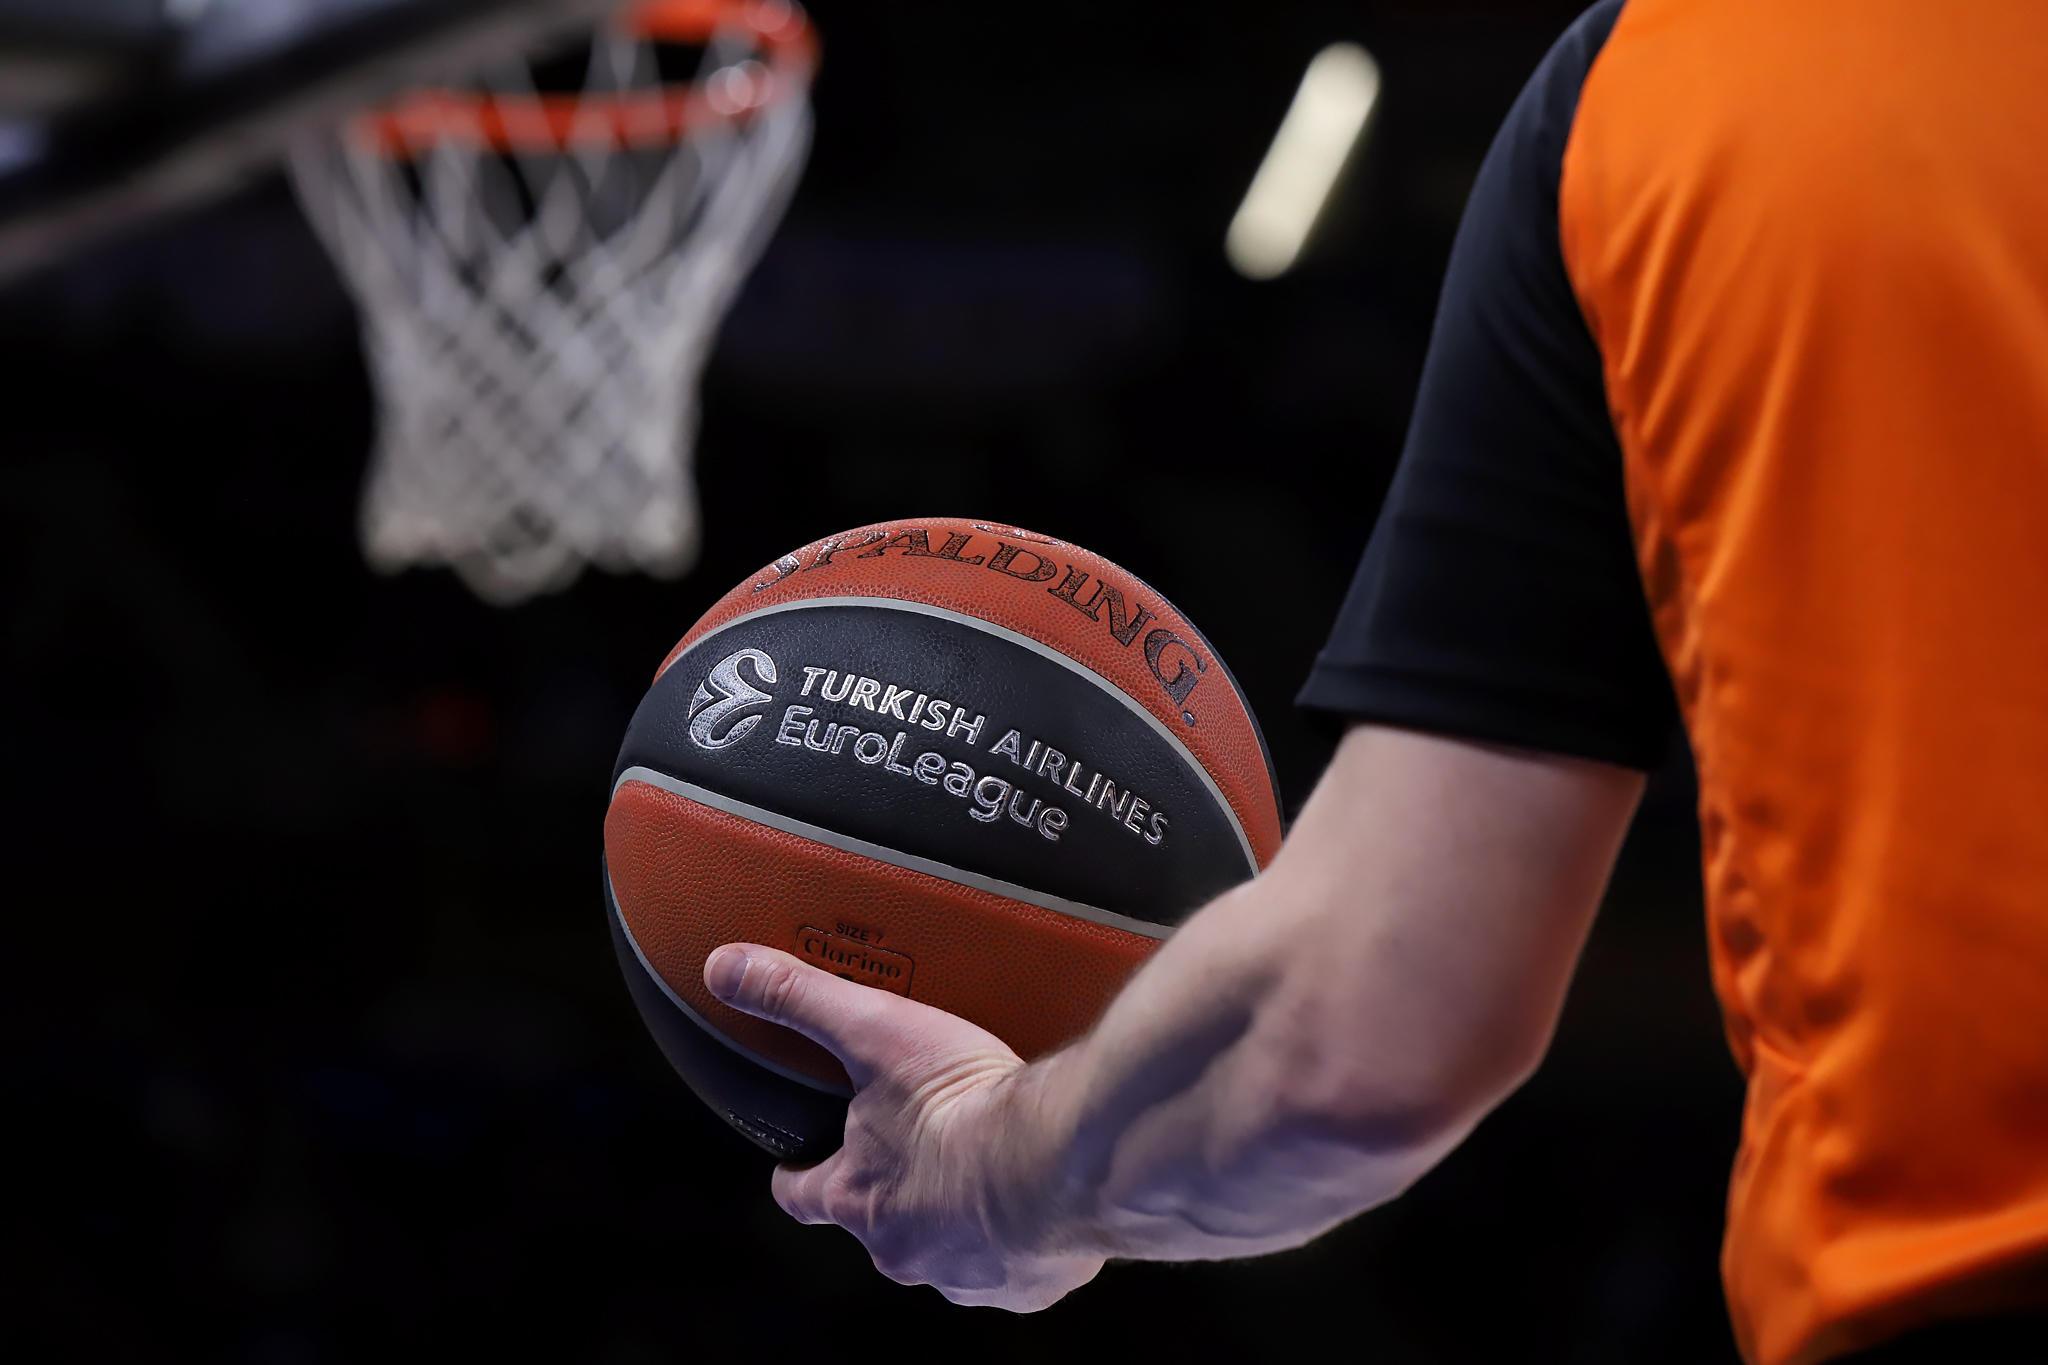 Balón Euroleague. Foto: Ekaitz Otxoa.